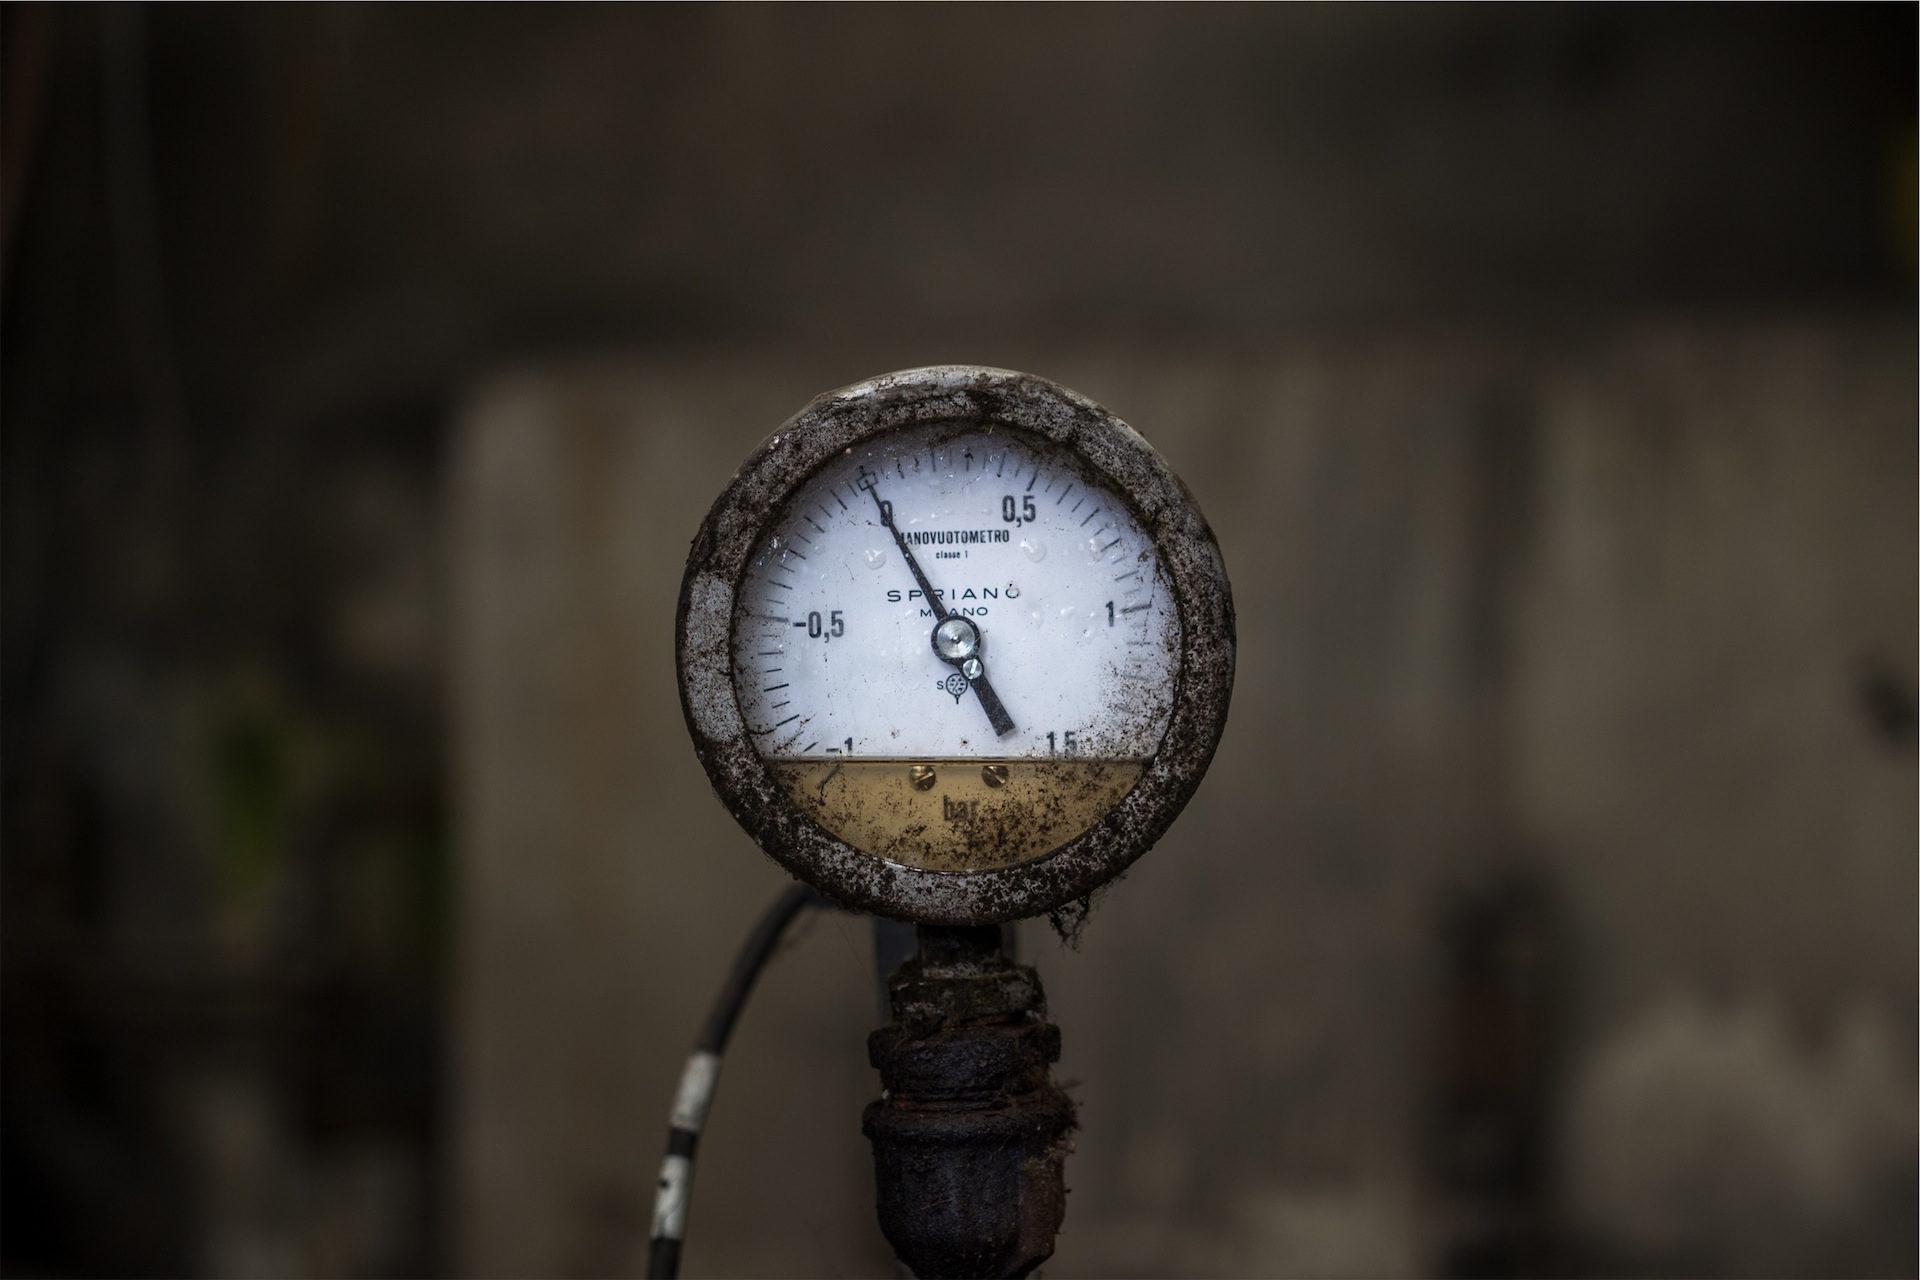 válvula, pressão, indicador de, agulha, velho - Papéis de parede HD - Professor-falken.com